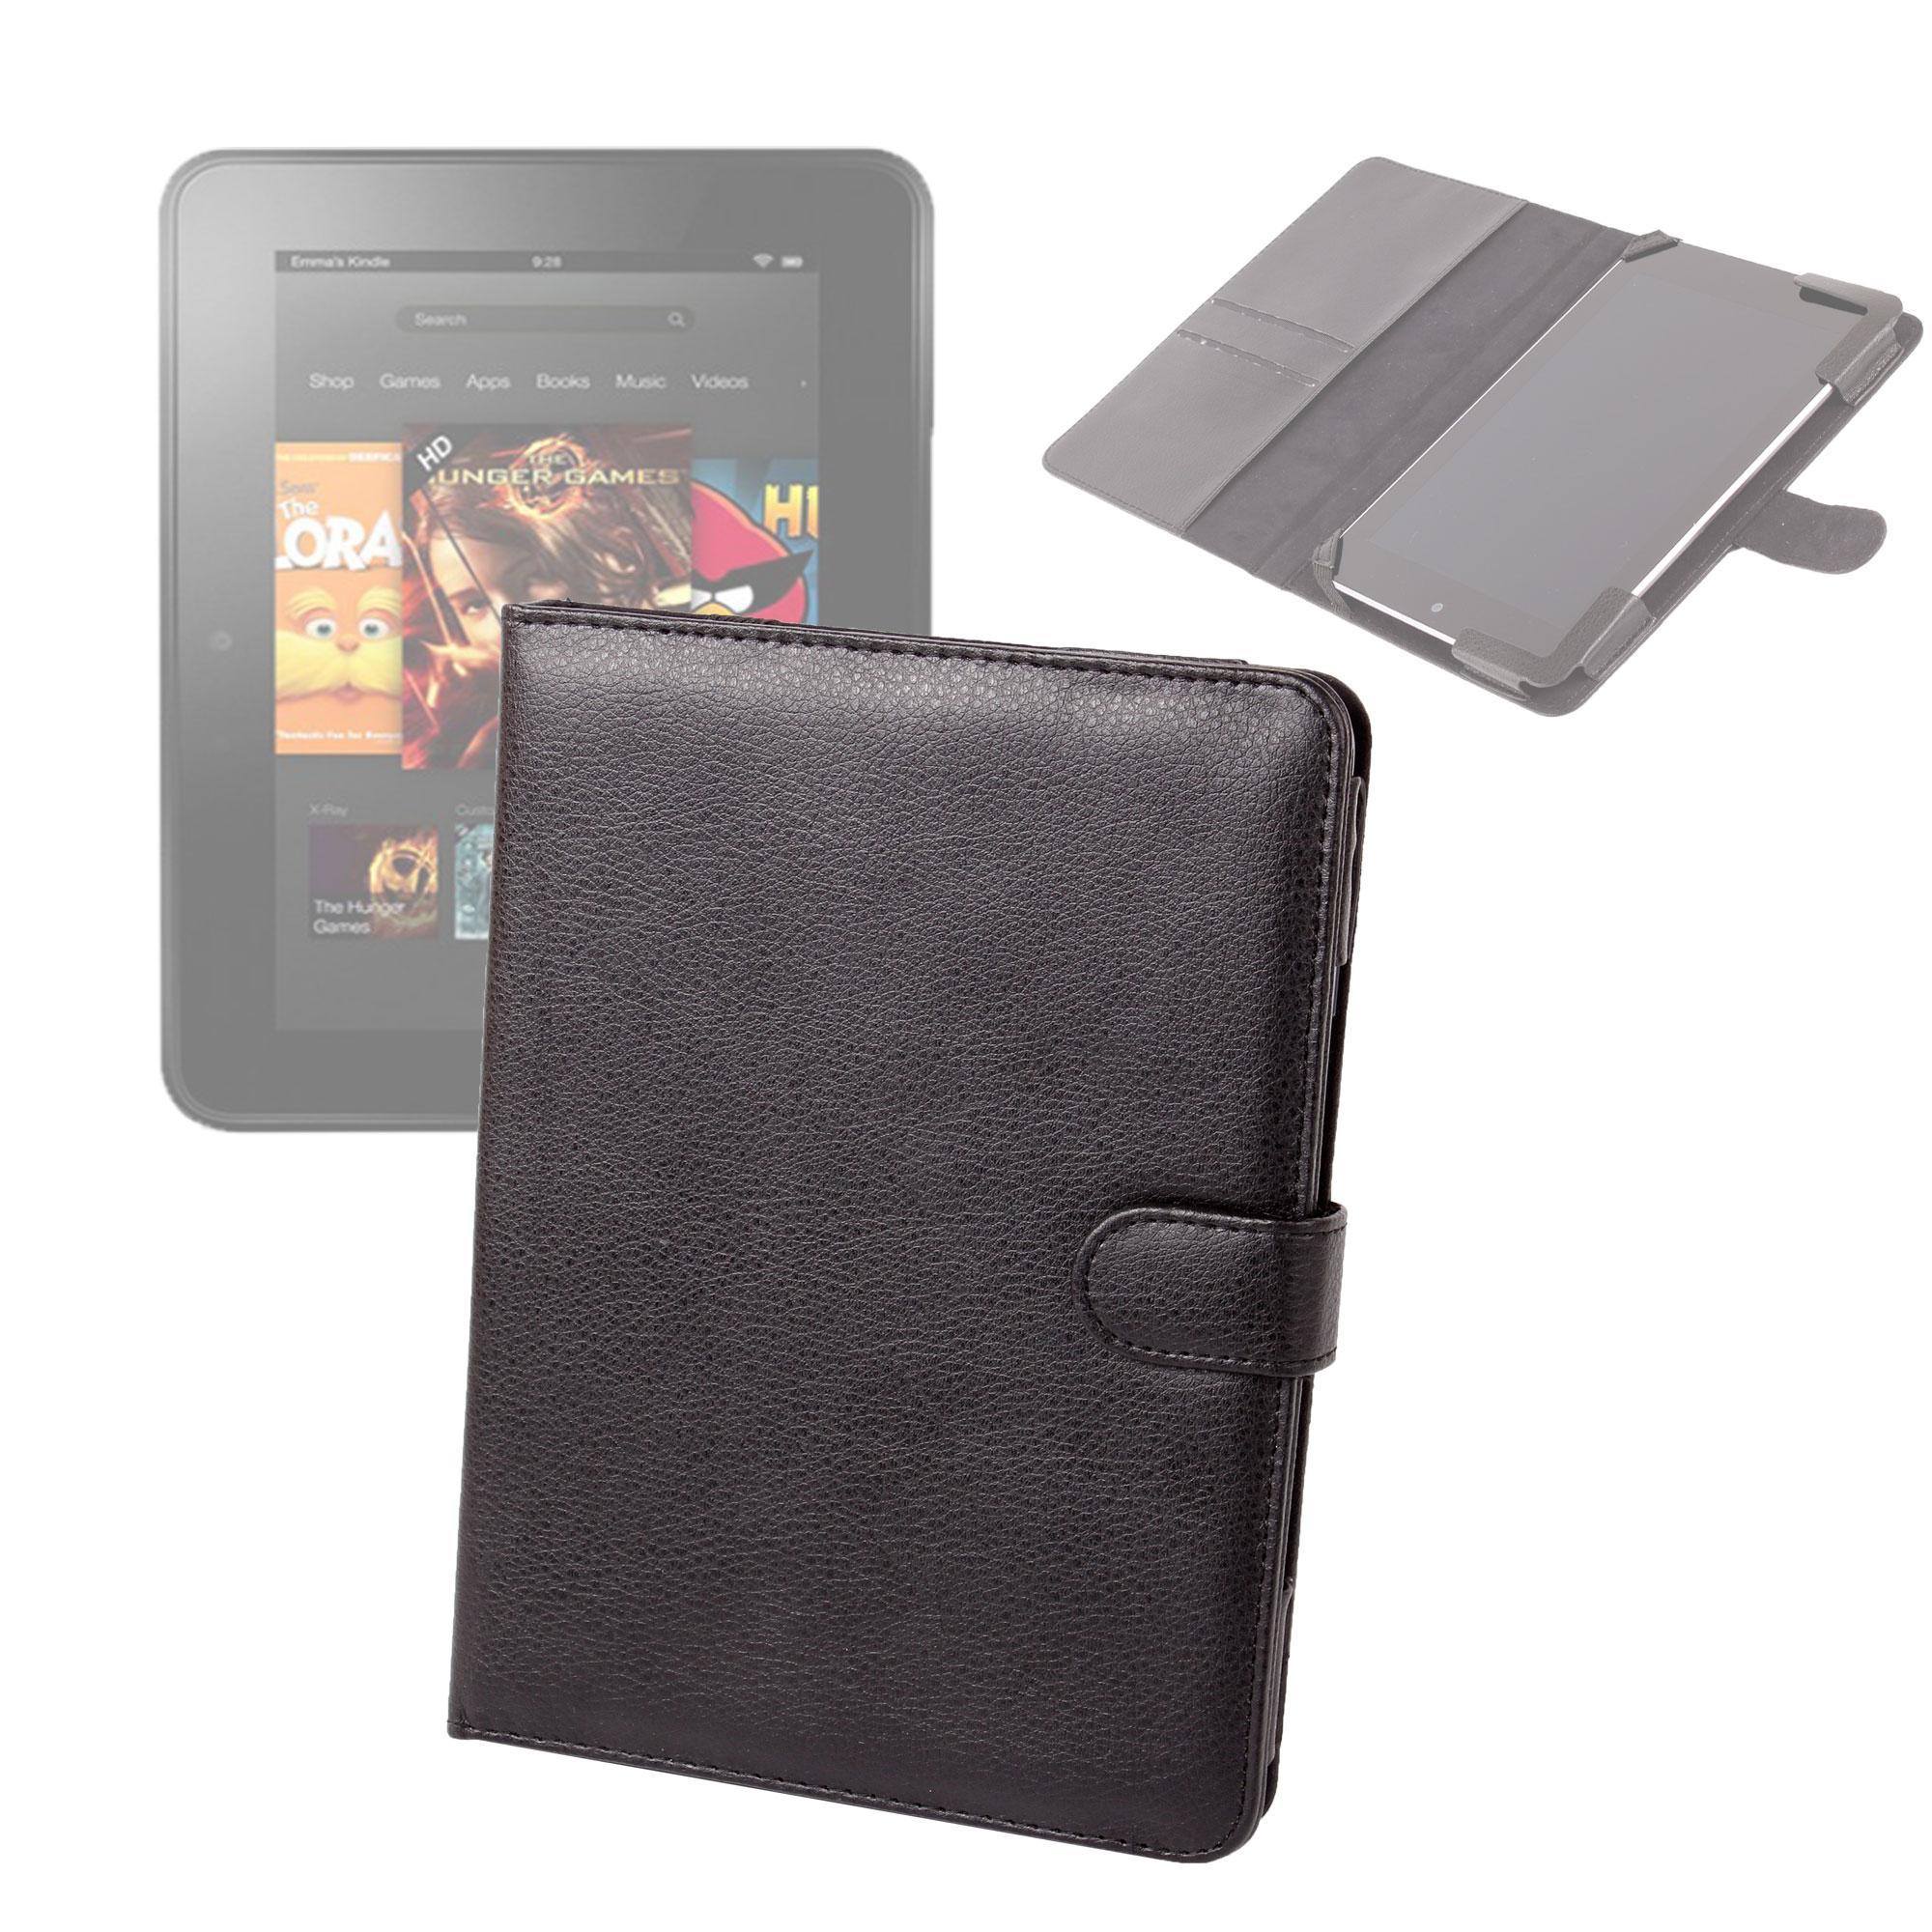 etui style pochette noir pour tablette amazon kindle fire hd 8 9 16 go 32 go ebay. Black Bedroom Furniture Sets. Home Design Ideas